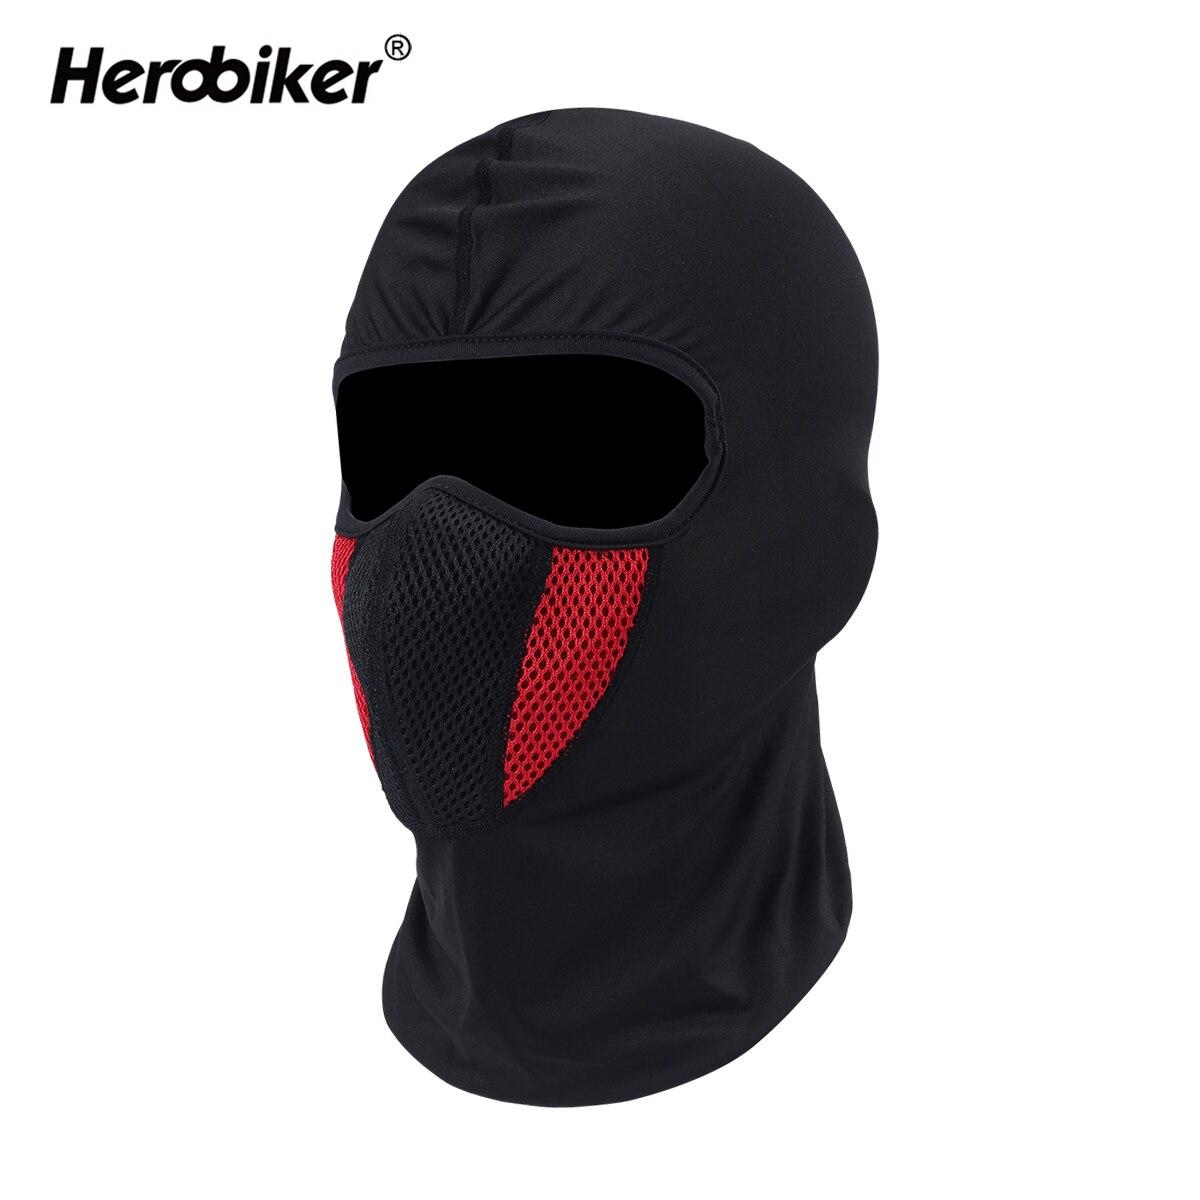 Herobiker balaclava moto Cara máscara motocicleta Tactical airsoft paintball Ciclismo bicicleta esquí casco del ejército protección Cara máscara